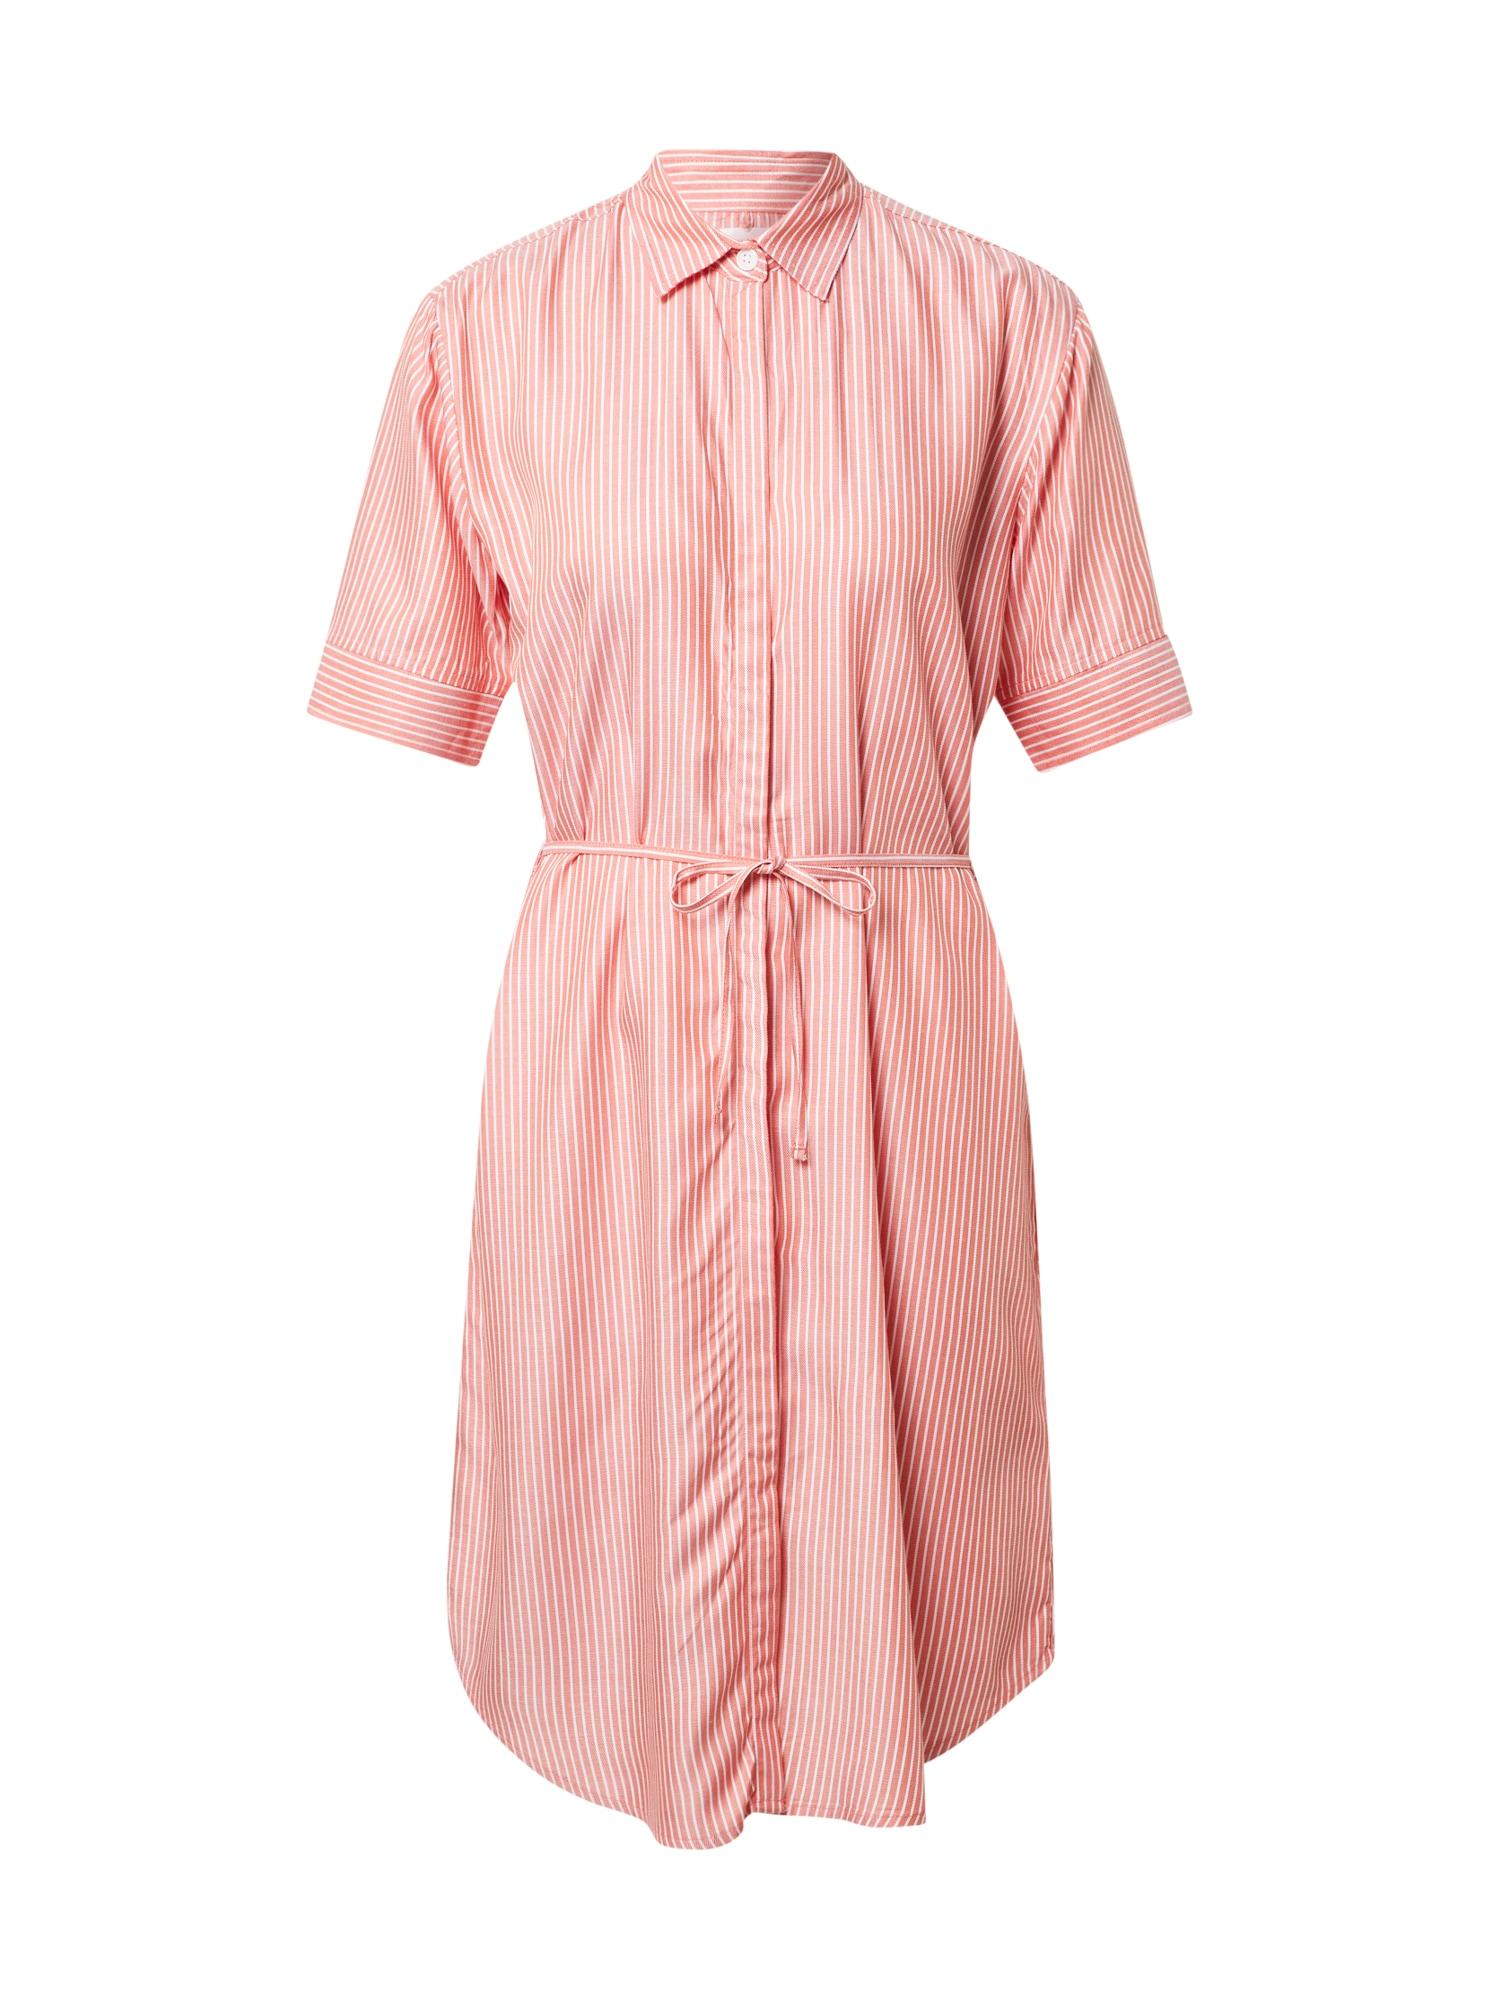 Stitch and Soul Palaidinės tipo suknelė raudona / balta